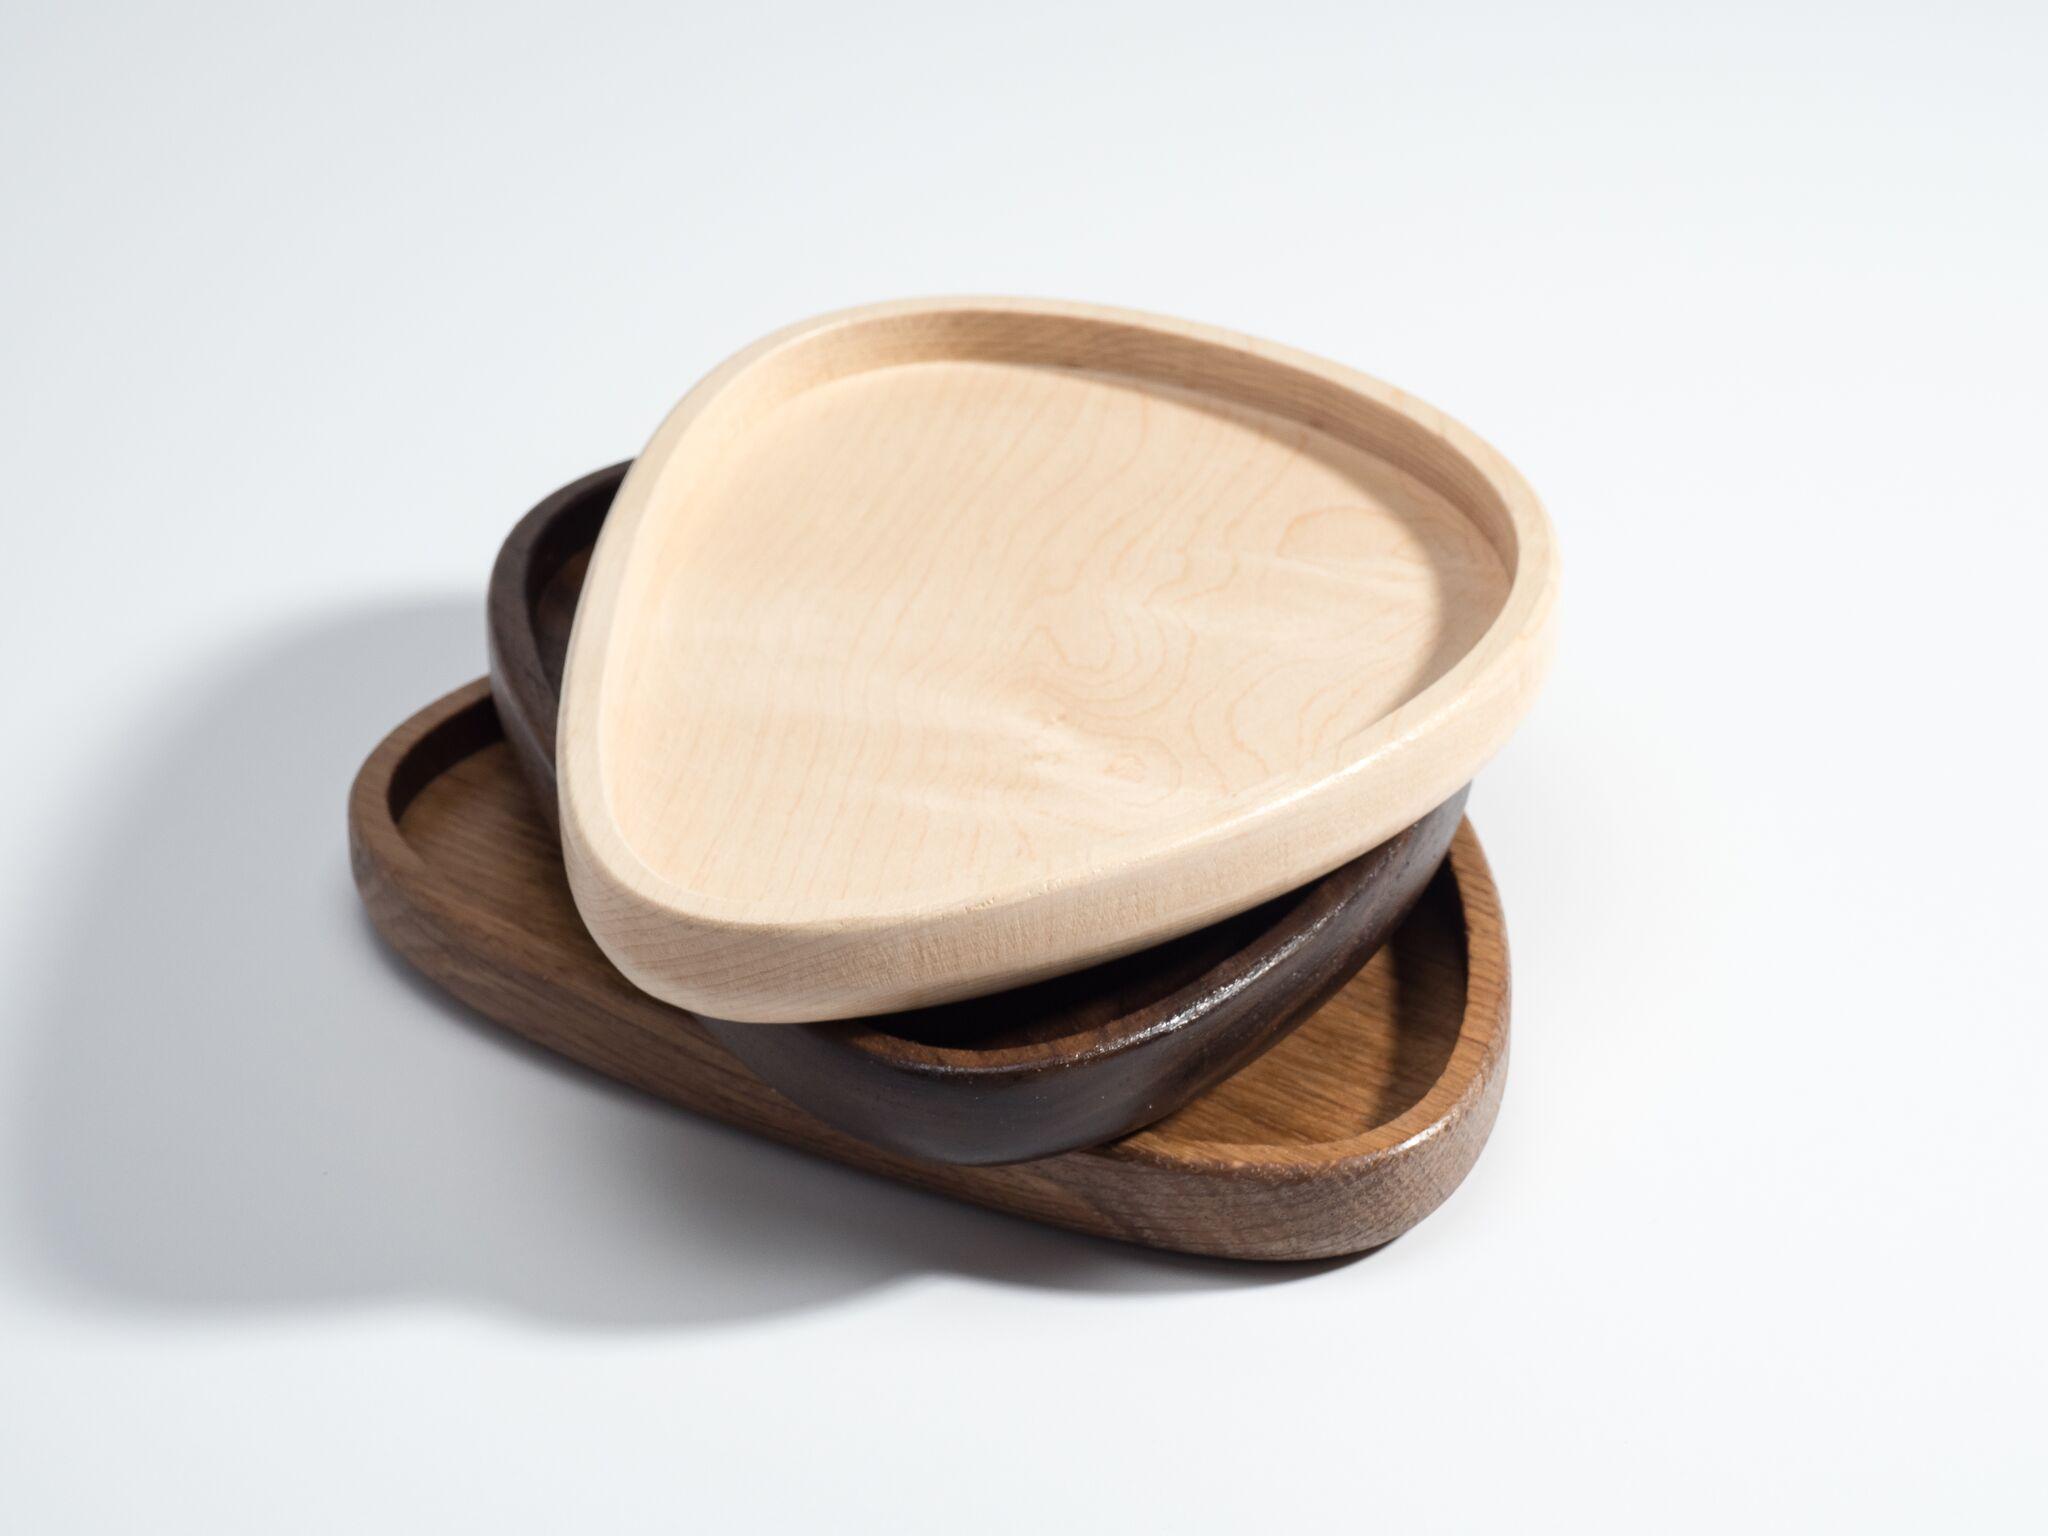 pebble-serving-tray-maple.jpeg